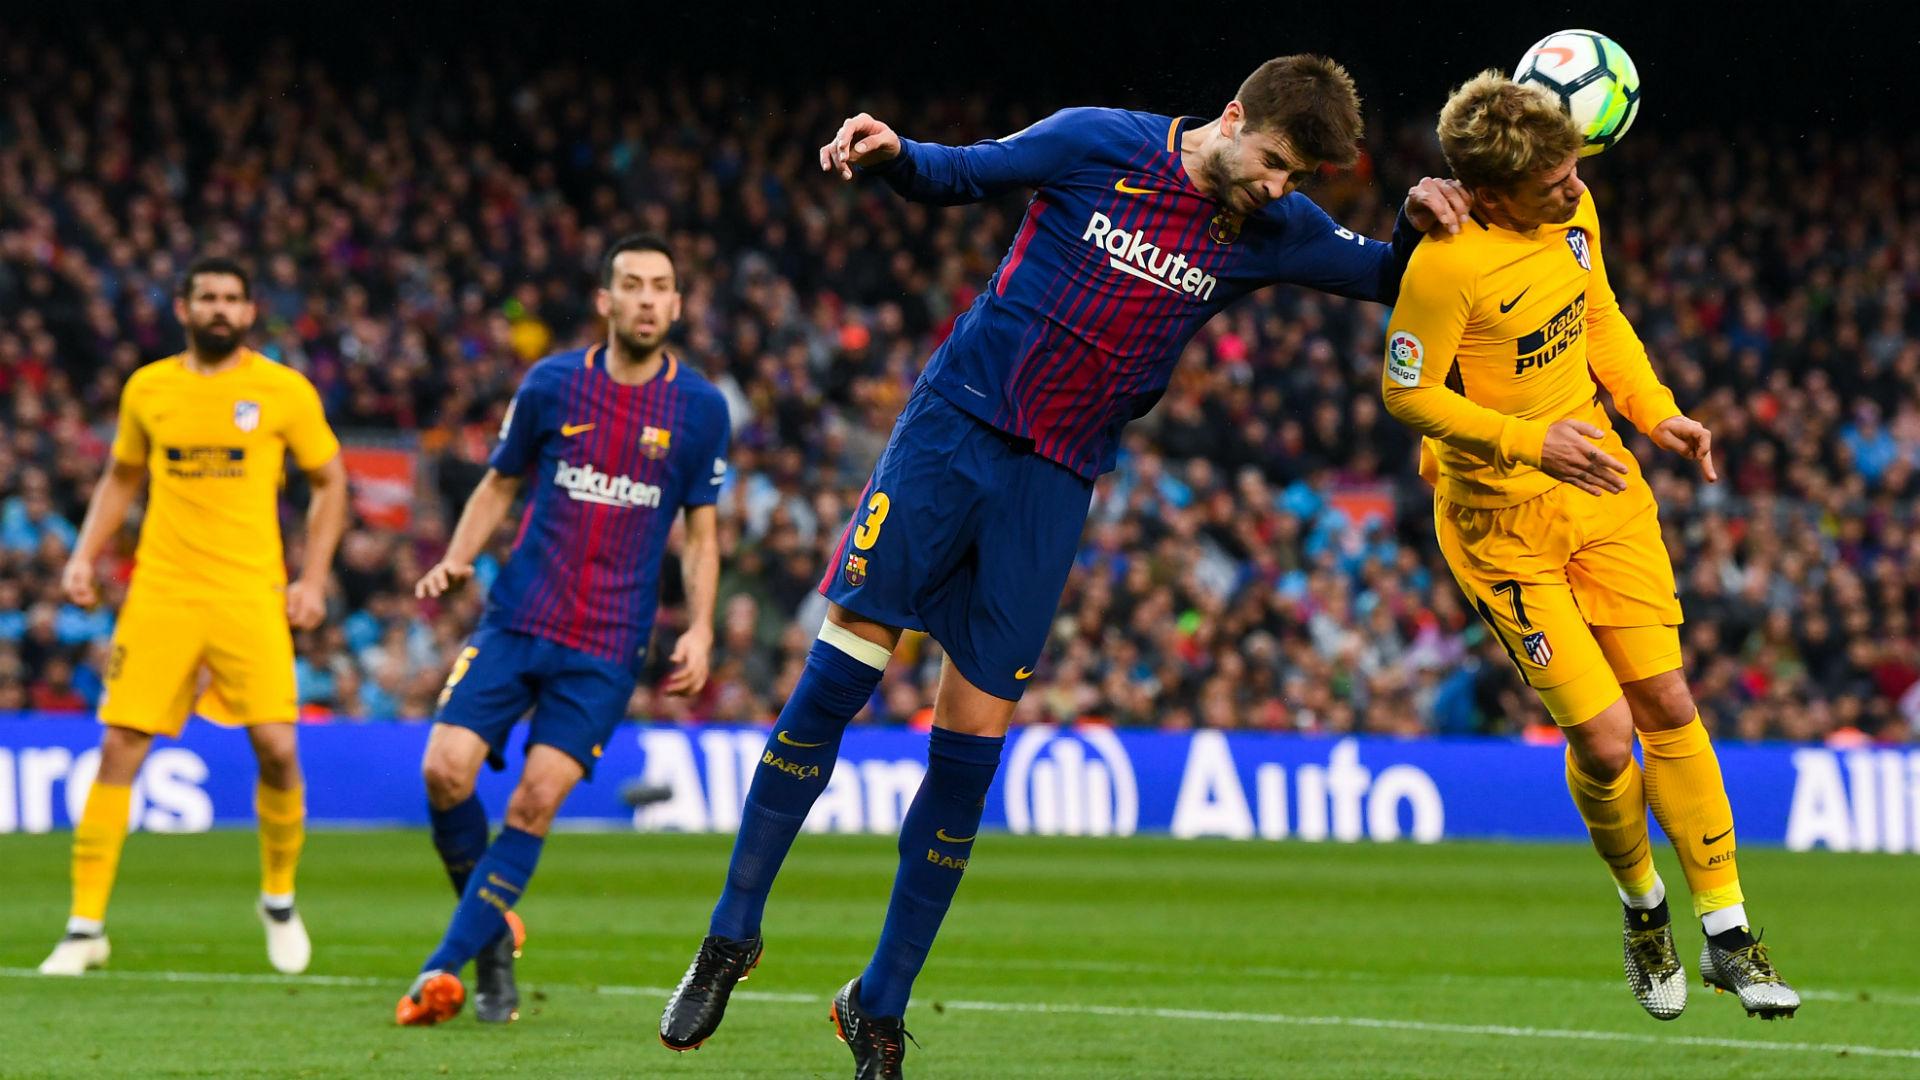 Le refus de Griezmann passe très mal au Barça, Piqué visé